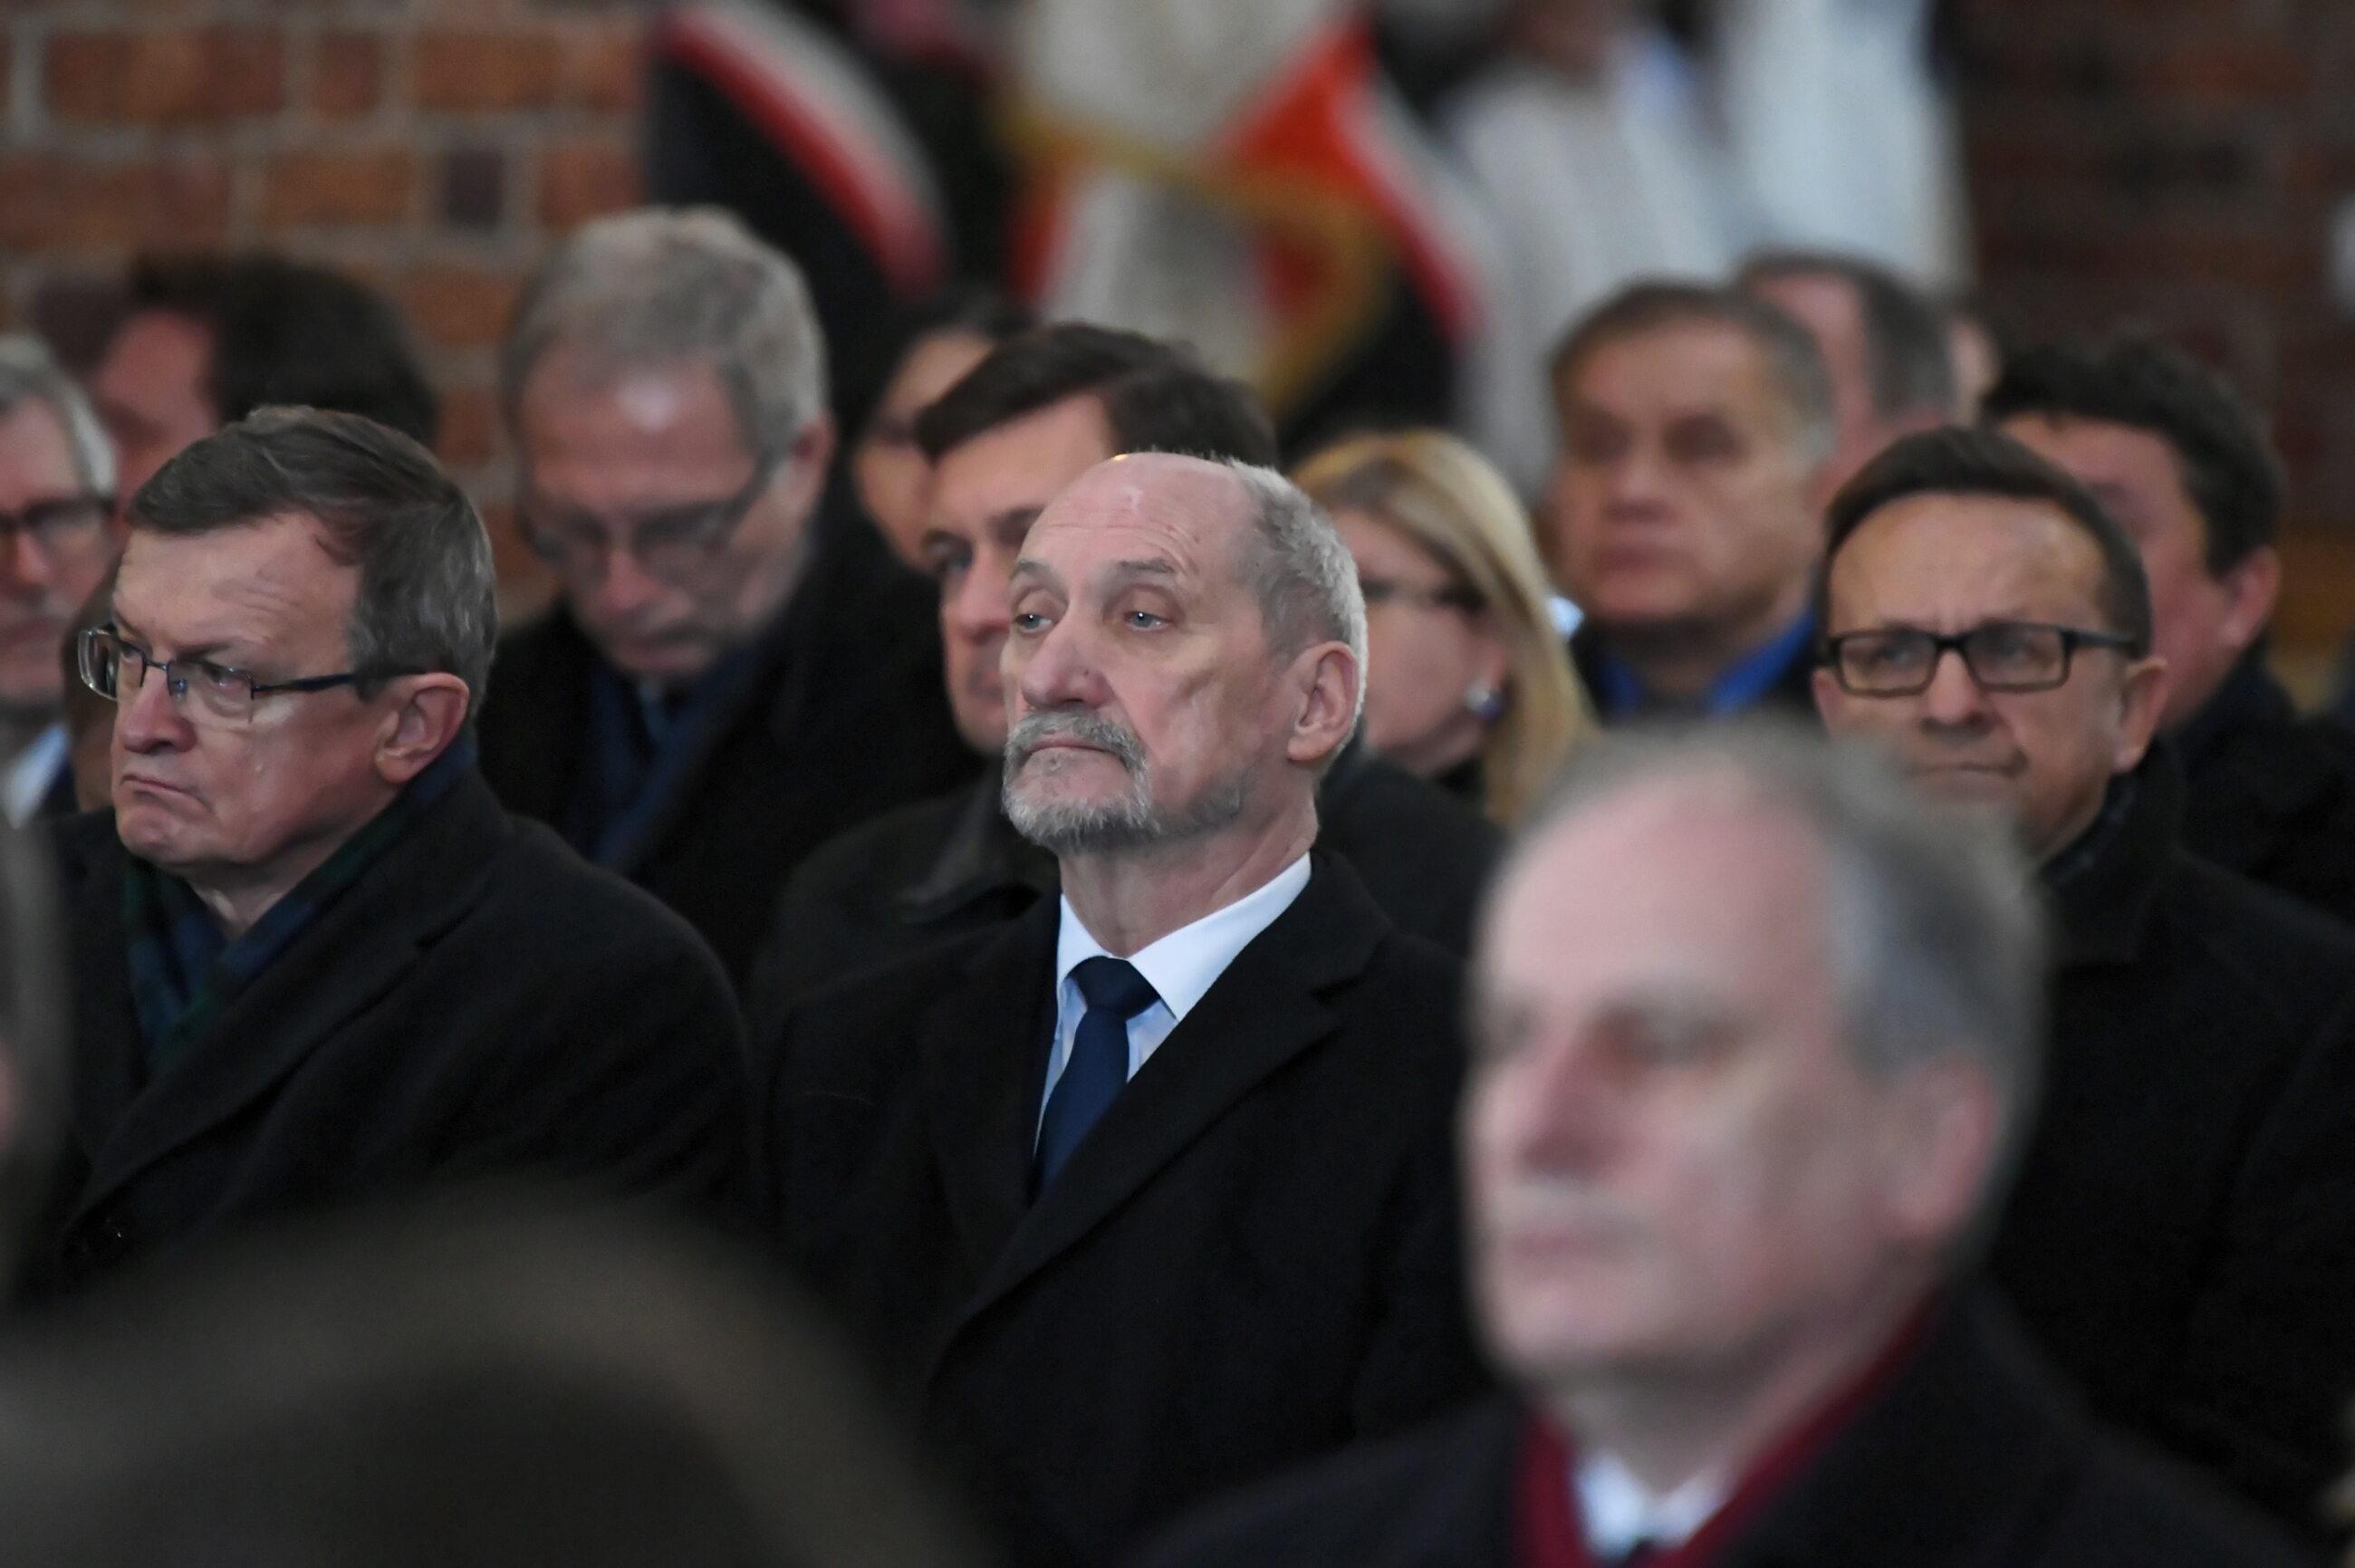 Antoni Macierewicz i Tadeusz Cymański na uroczystościach pogrzebowych Jolanty Szczypińskiej